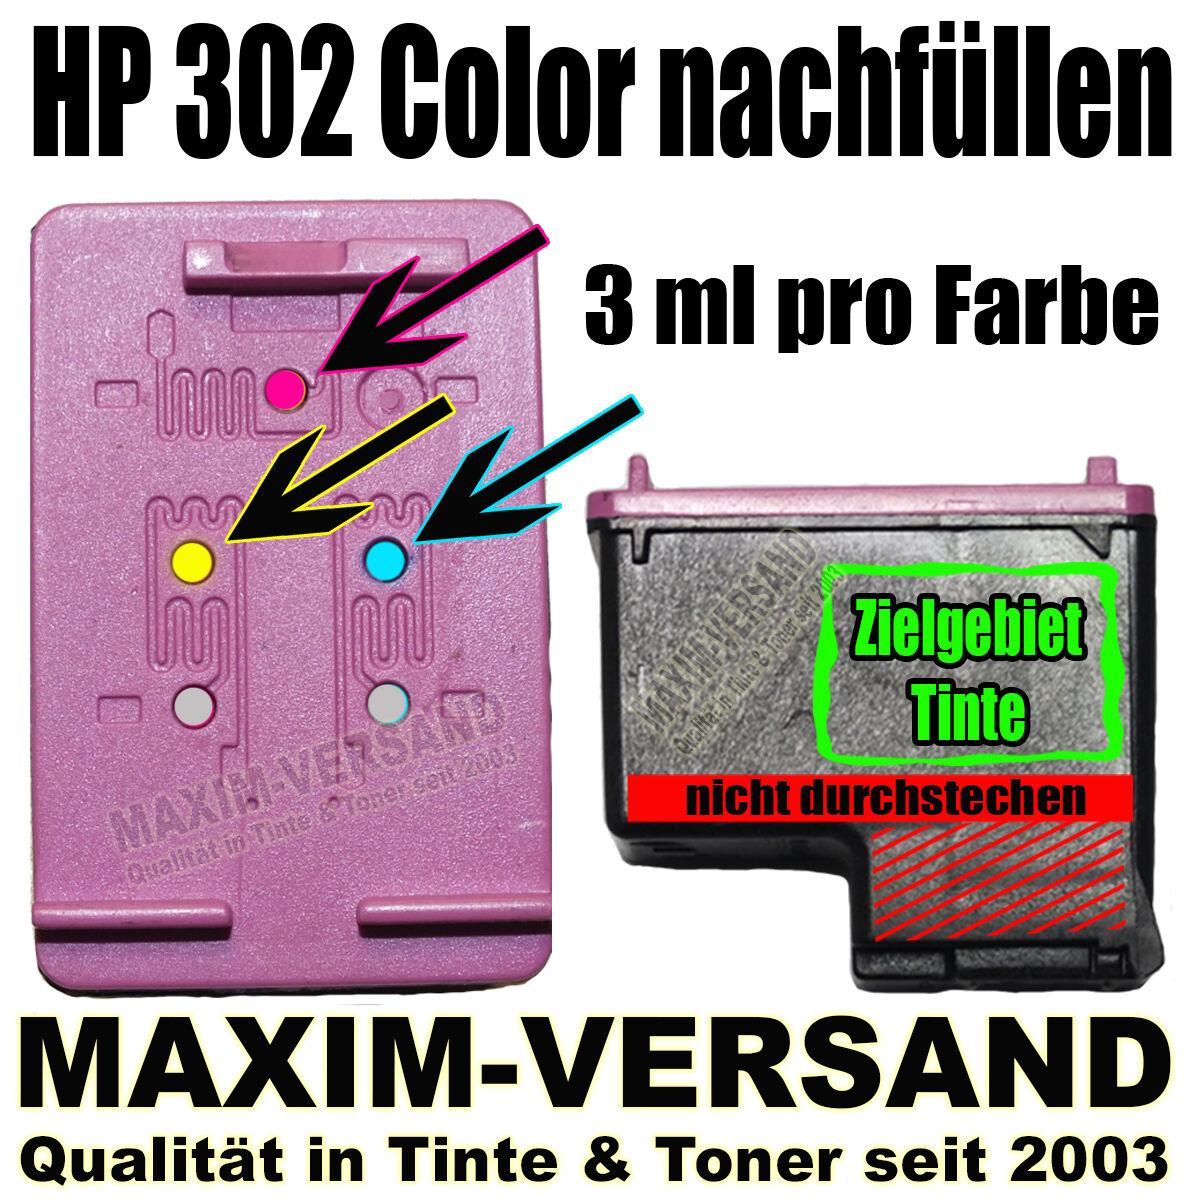 HP 302 Color nachfüllen